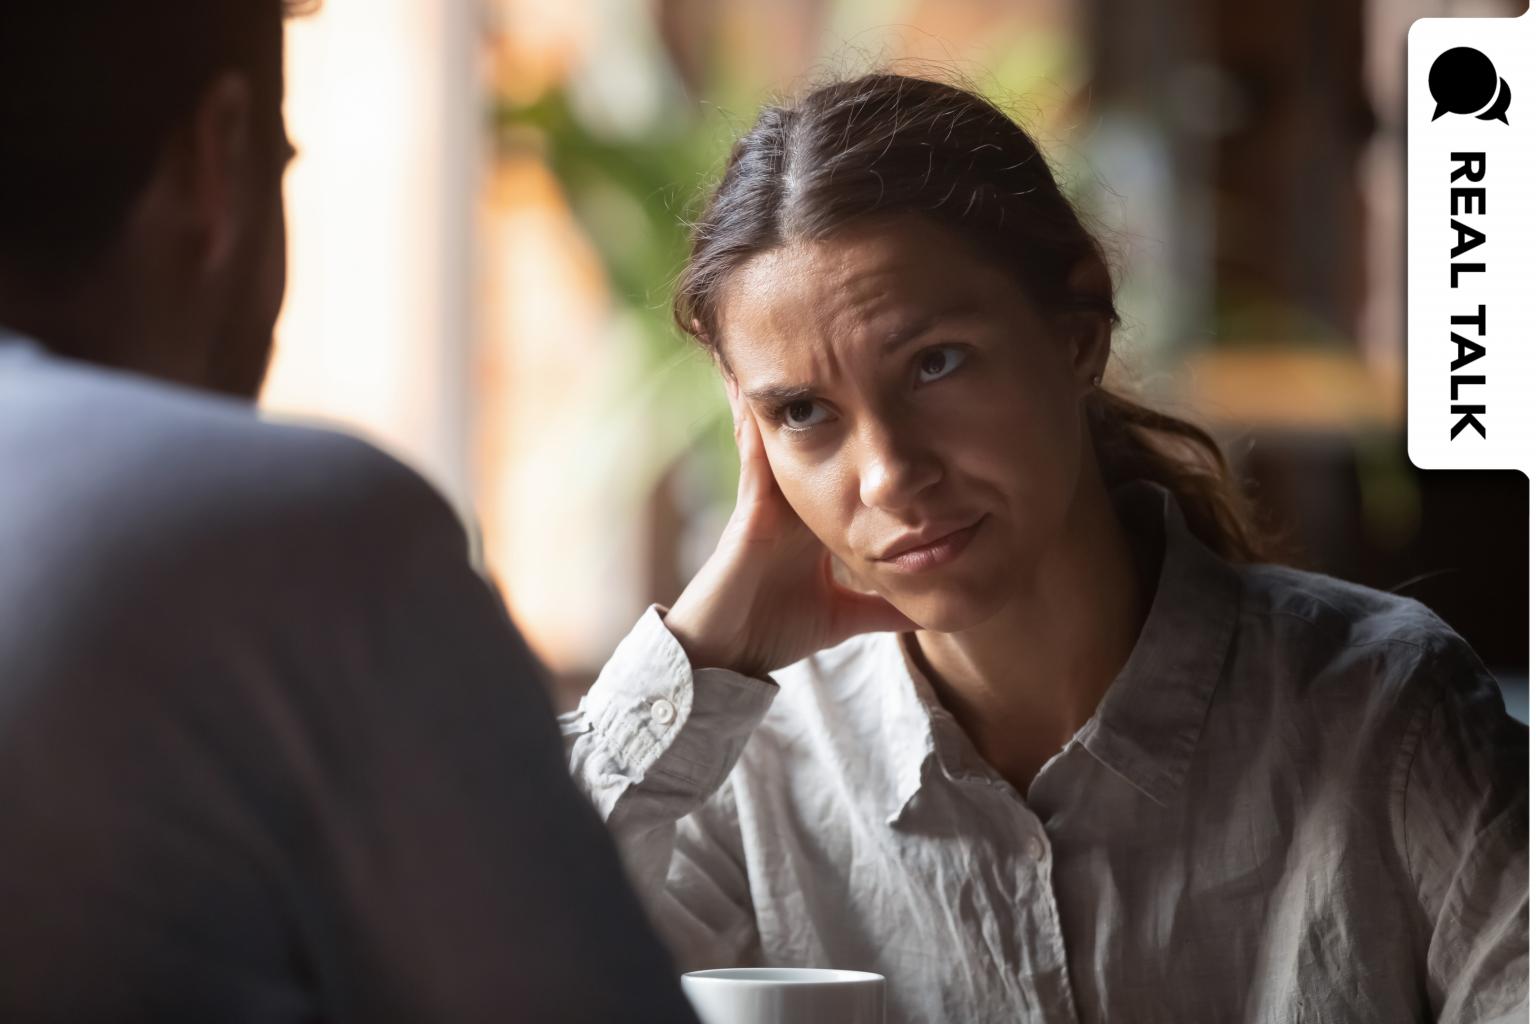 Deshalb habe ich meinen Ex gebeten, mir über die Trennung